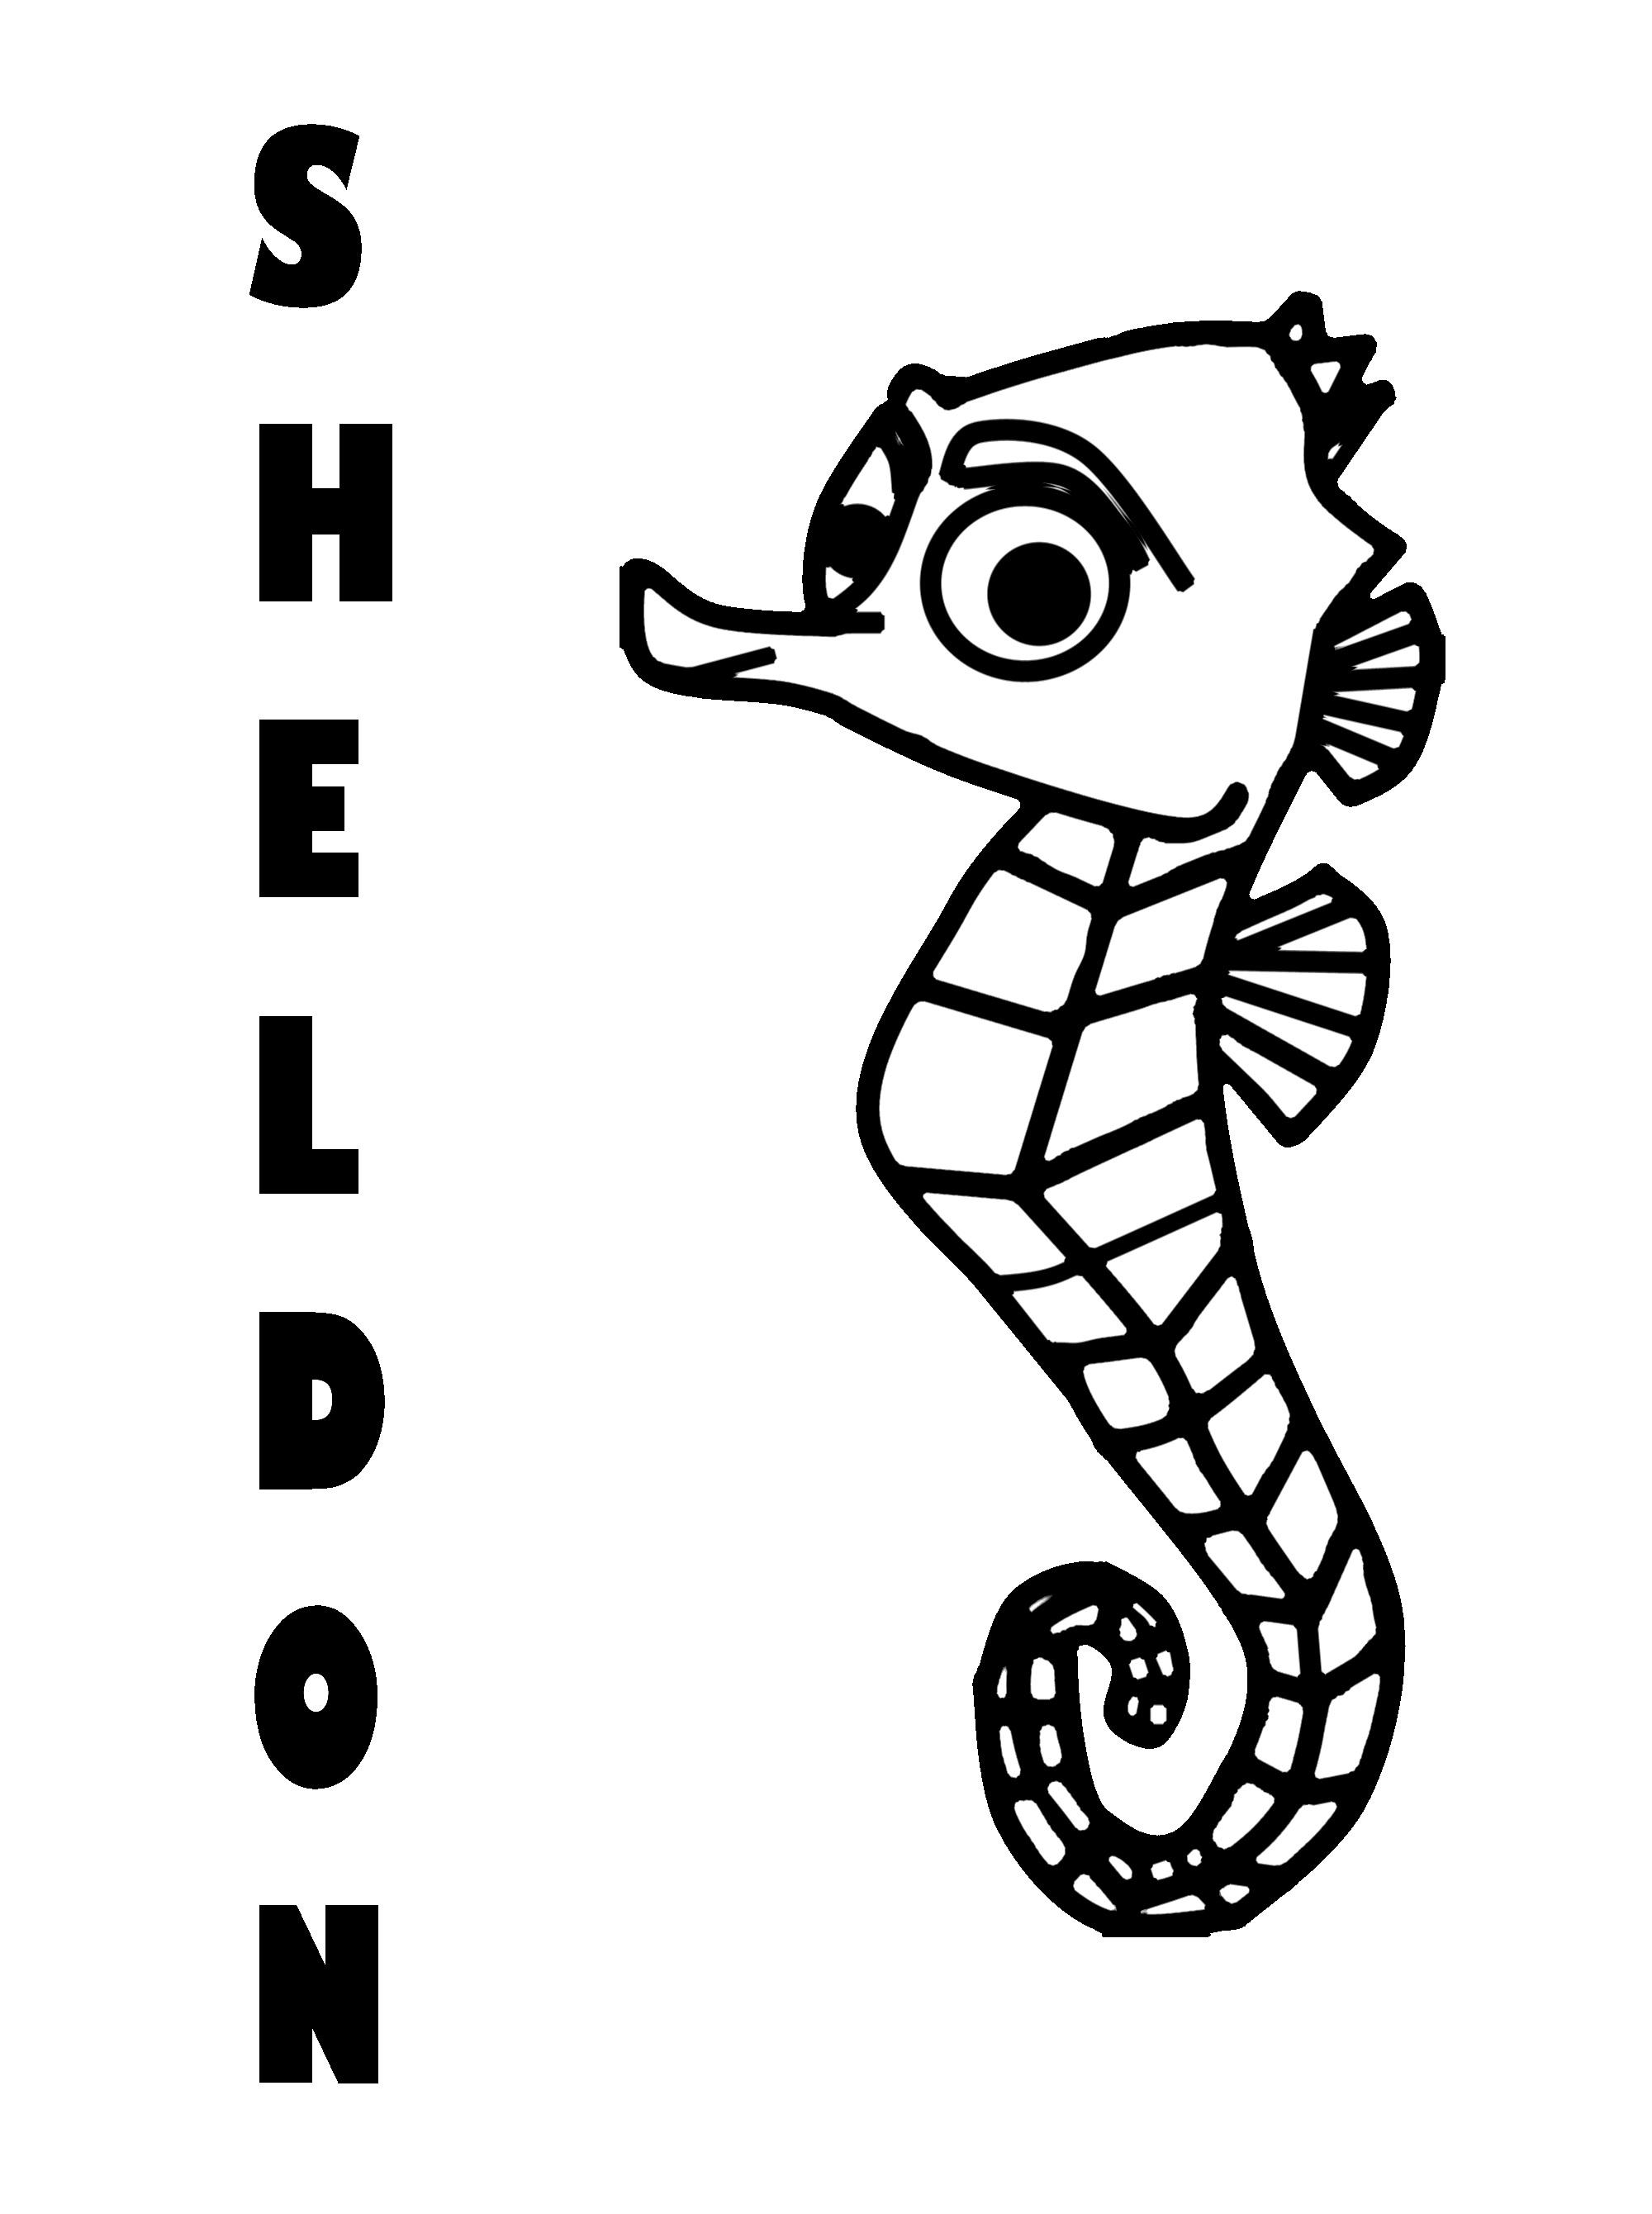 Шелдон, морской конек Раскраски для девочек распечатать